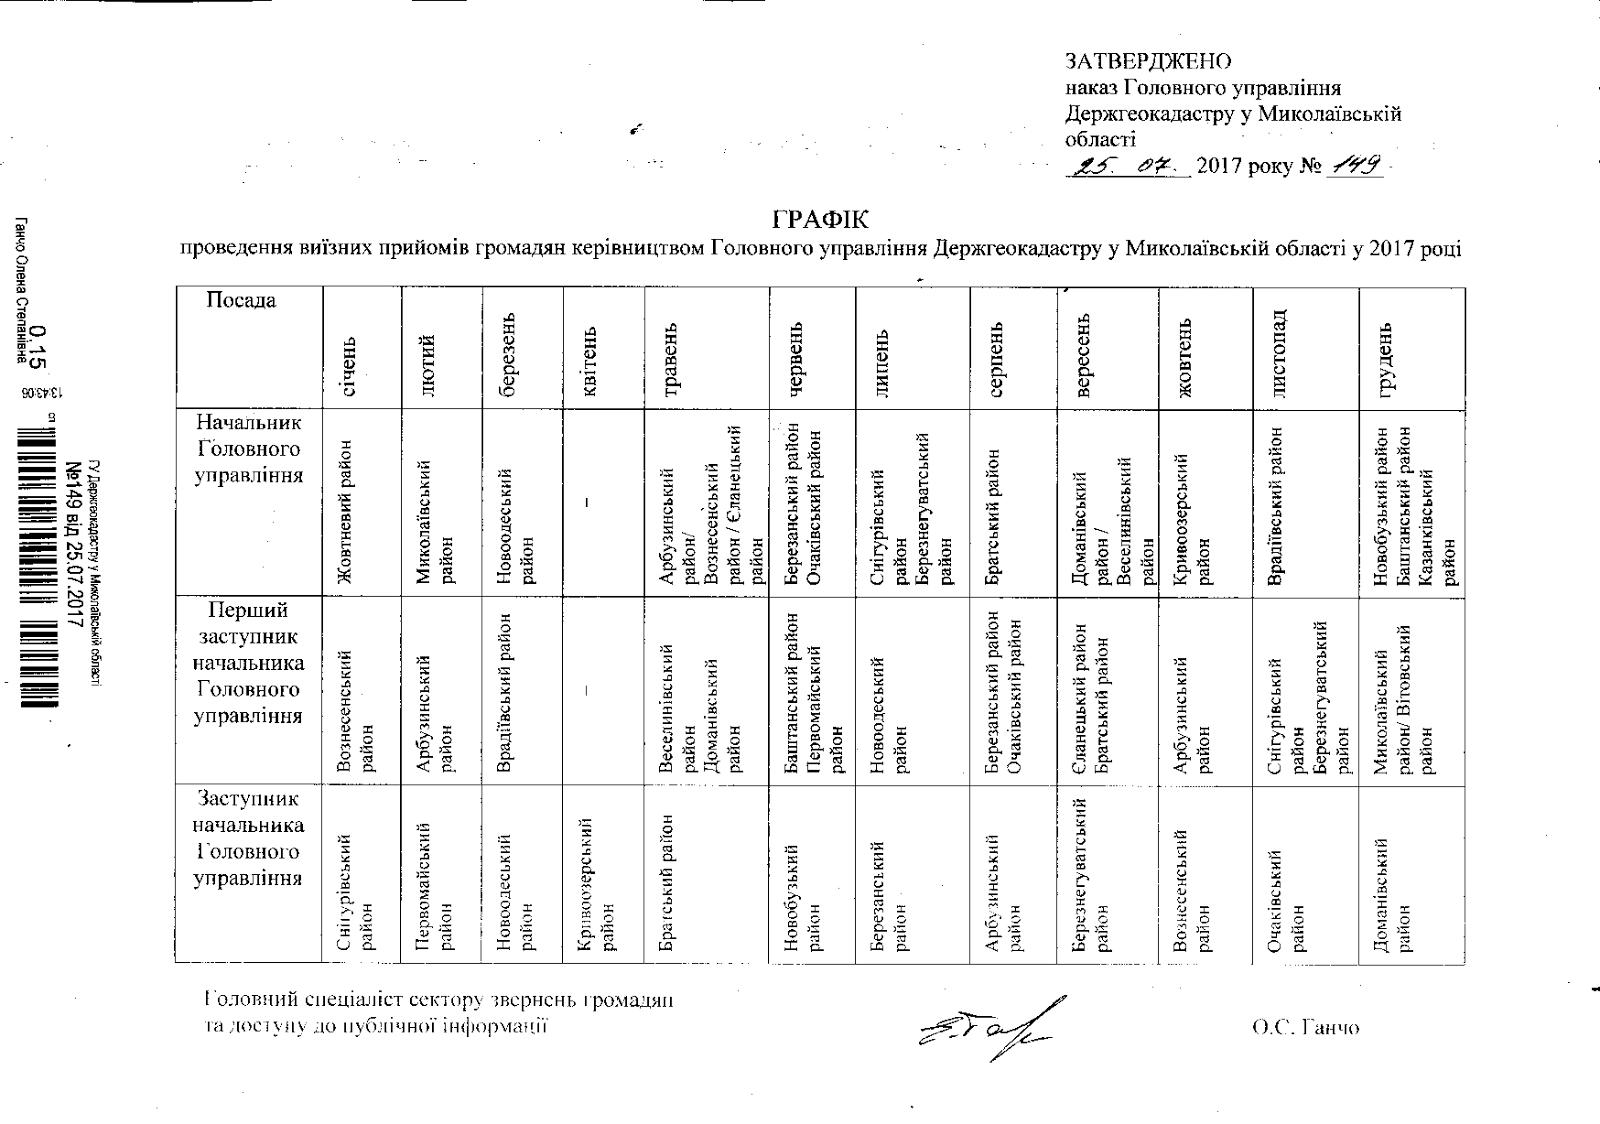 Графік проведення виїзних прийомів громадян керівництвом Головного управління Держгеокадастру у Миколаївській області у 2017 році